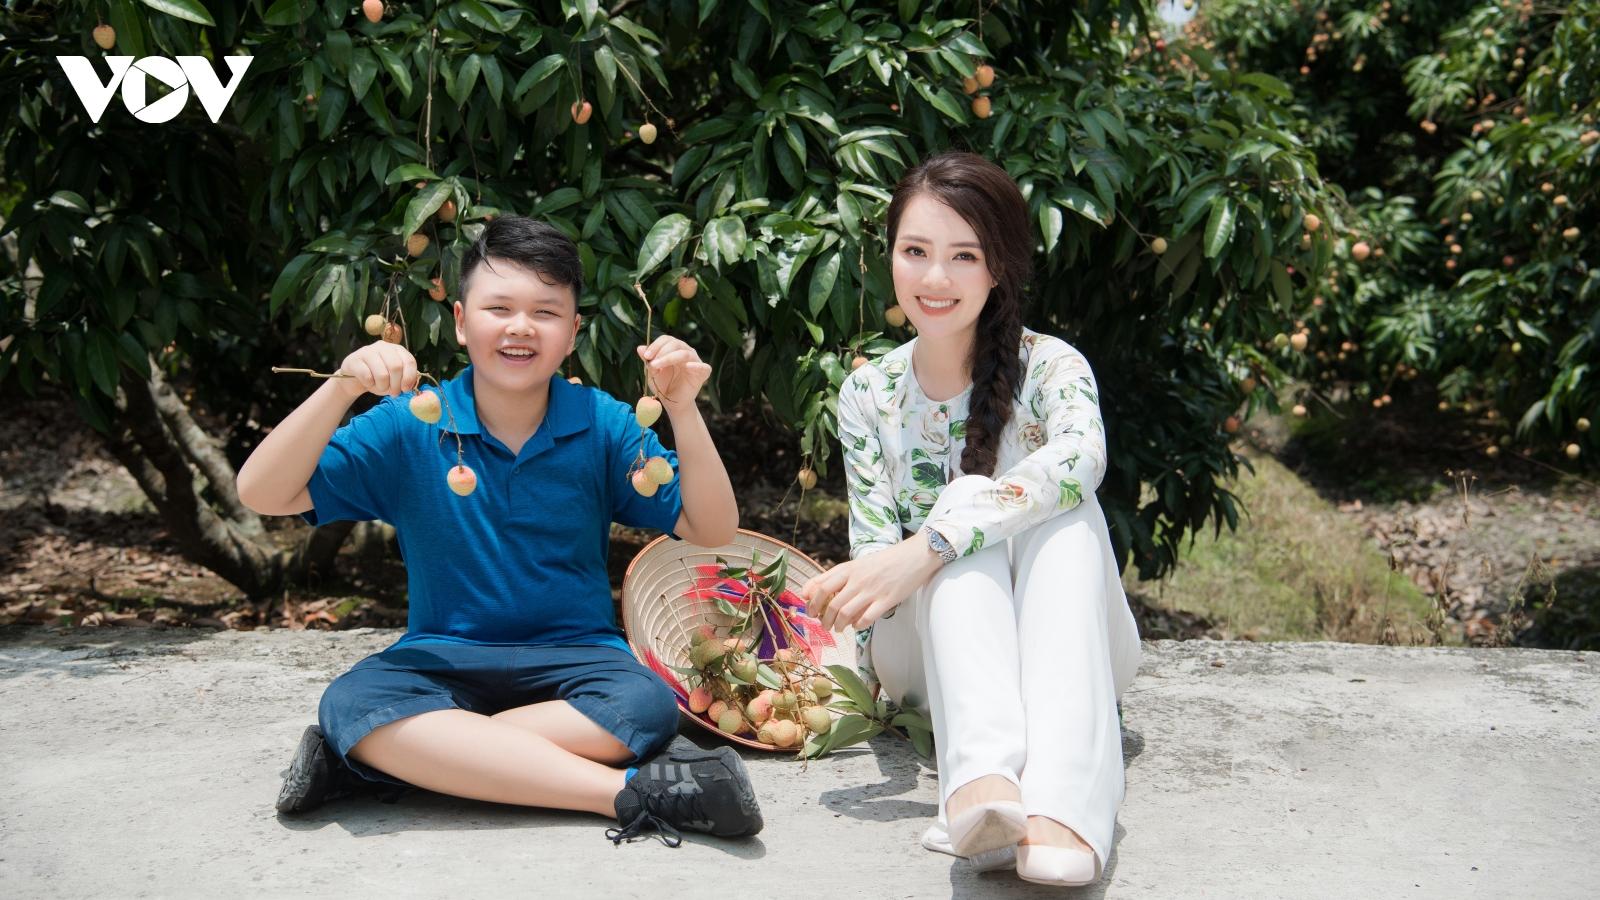 Á hậu Thuỵ Vân đưa con trai đi trải nghiệm vườn vải Thanh Hà